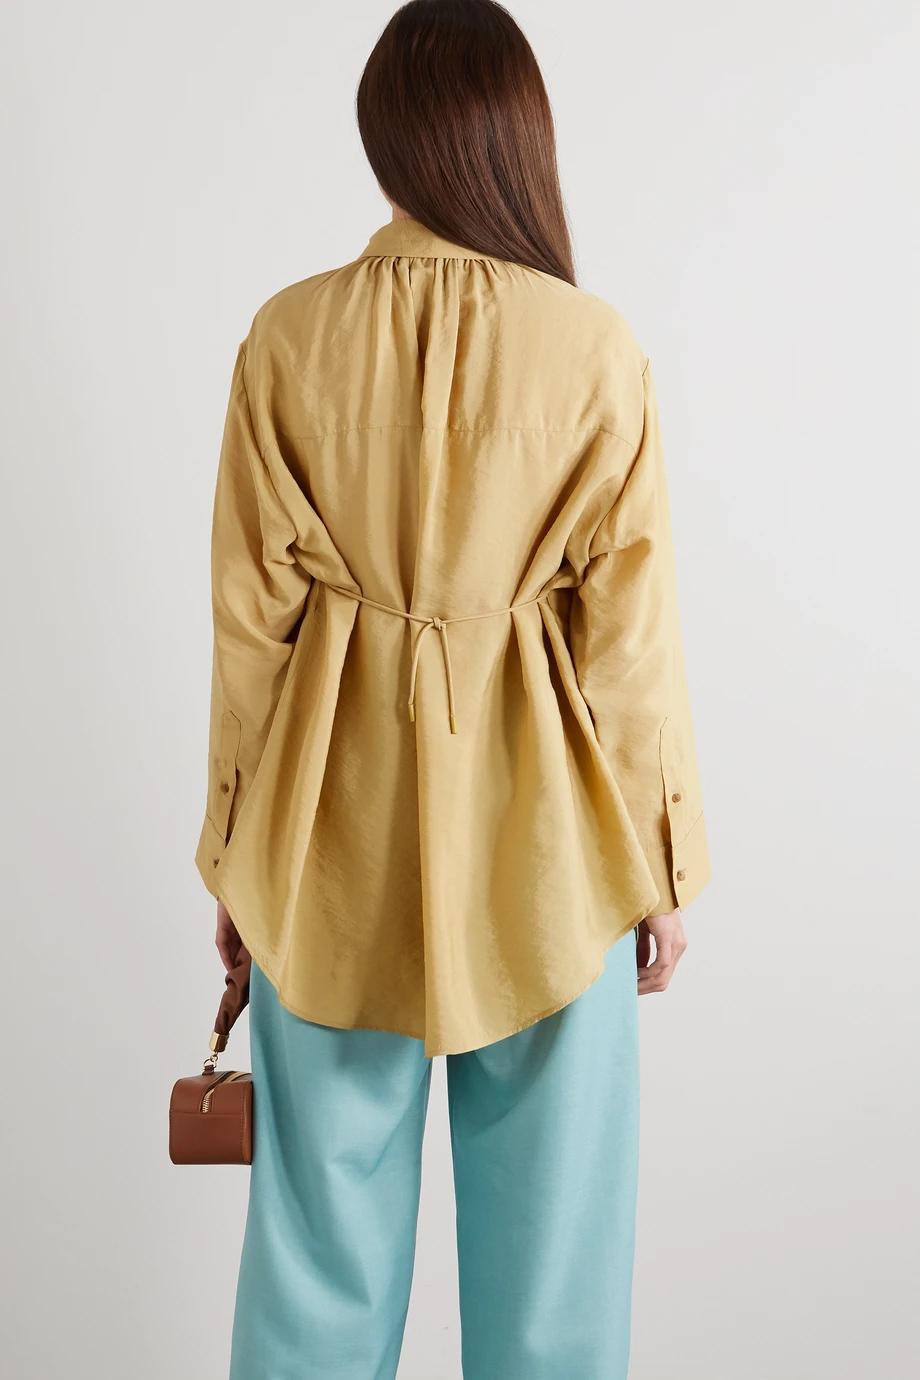 Rejina Pyo oversized košulja 2021.